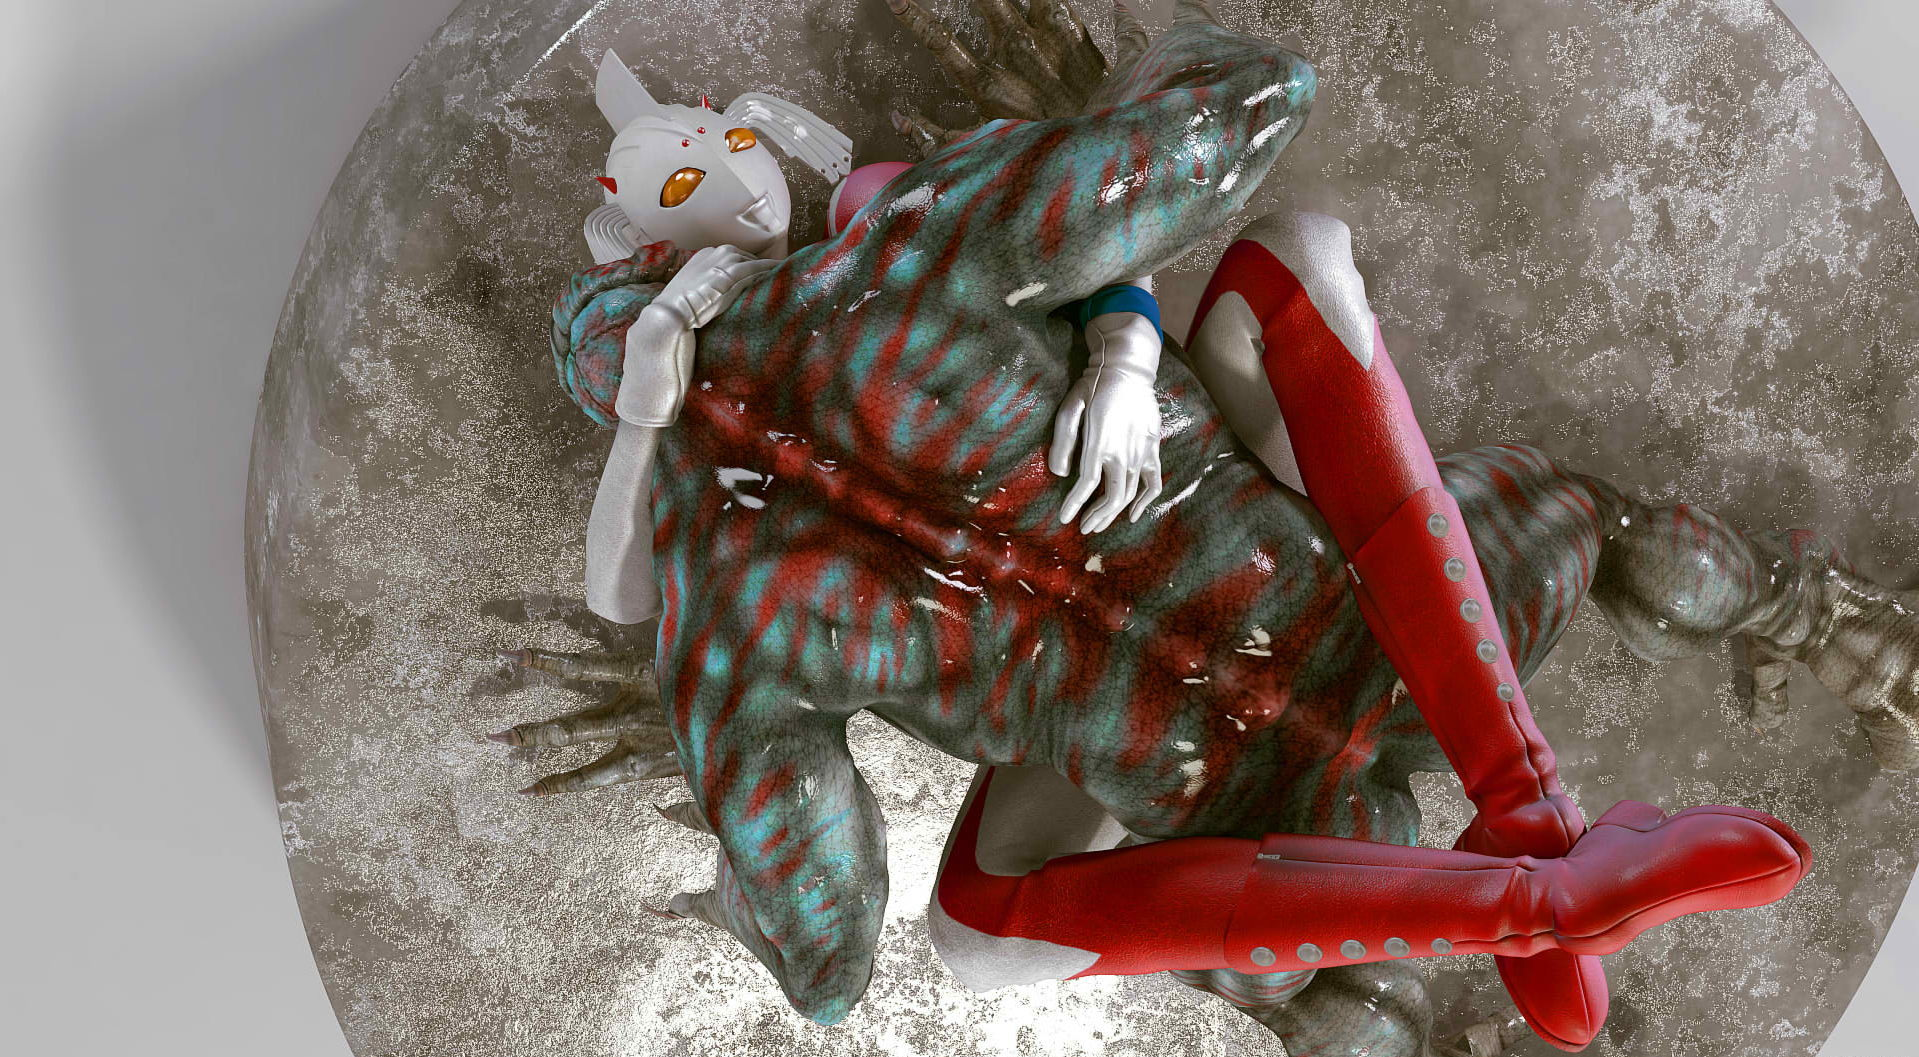 性欲が半端じゃないウルトラのママがセックスに溺れる人妻エロ画像 104